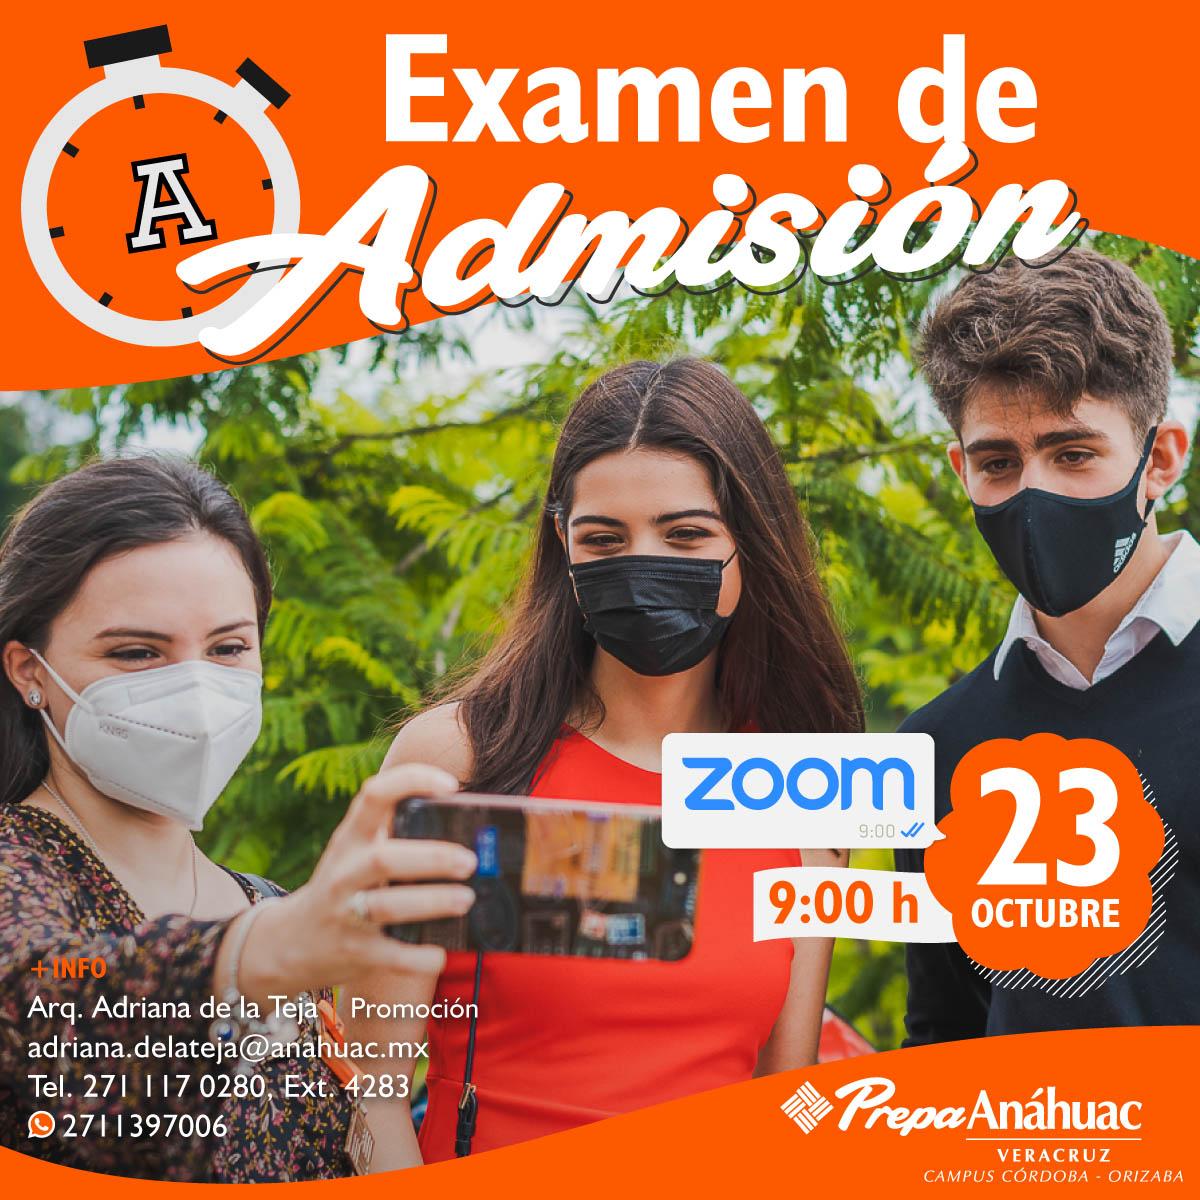 Examen de Admisión Online Córdoba-Orizaba